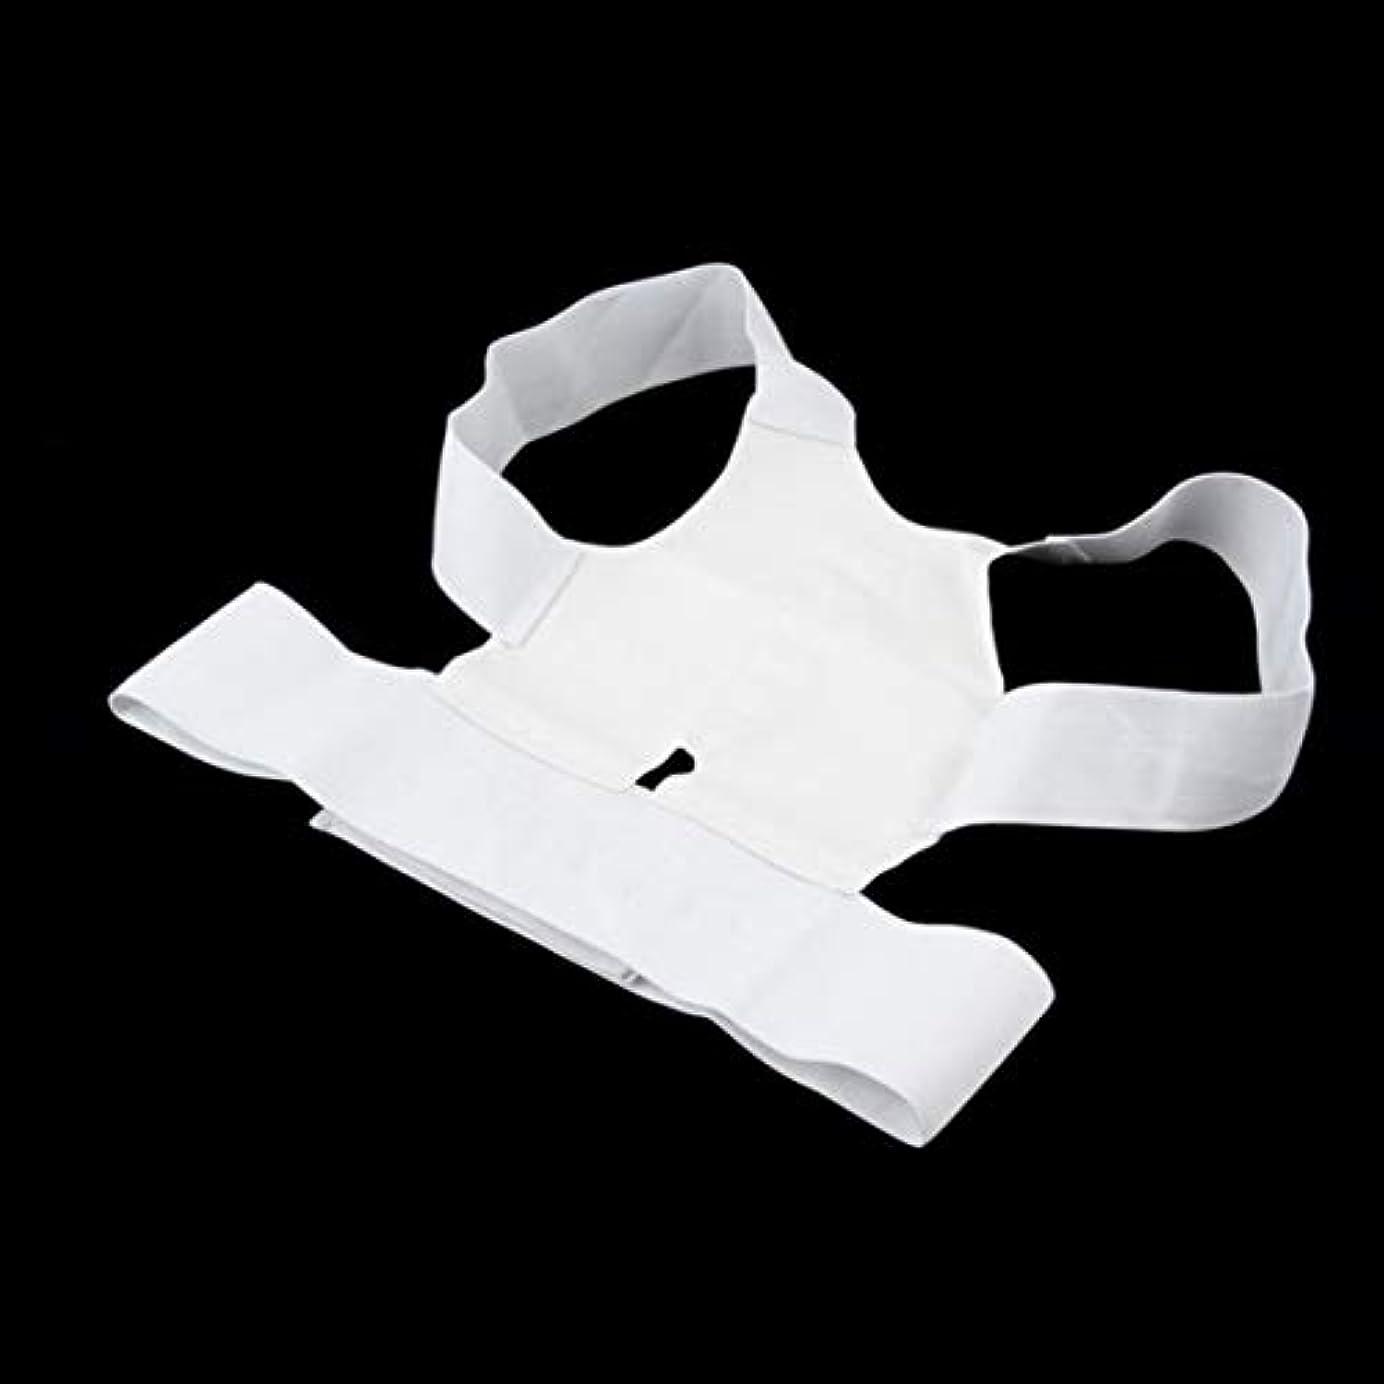 旧正月予定爵白快適磁気姿勢サポートコレクター腰痛ベルトブレース肩の痛みから病気 - 白